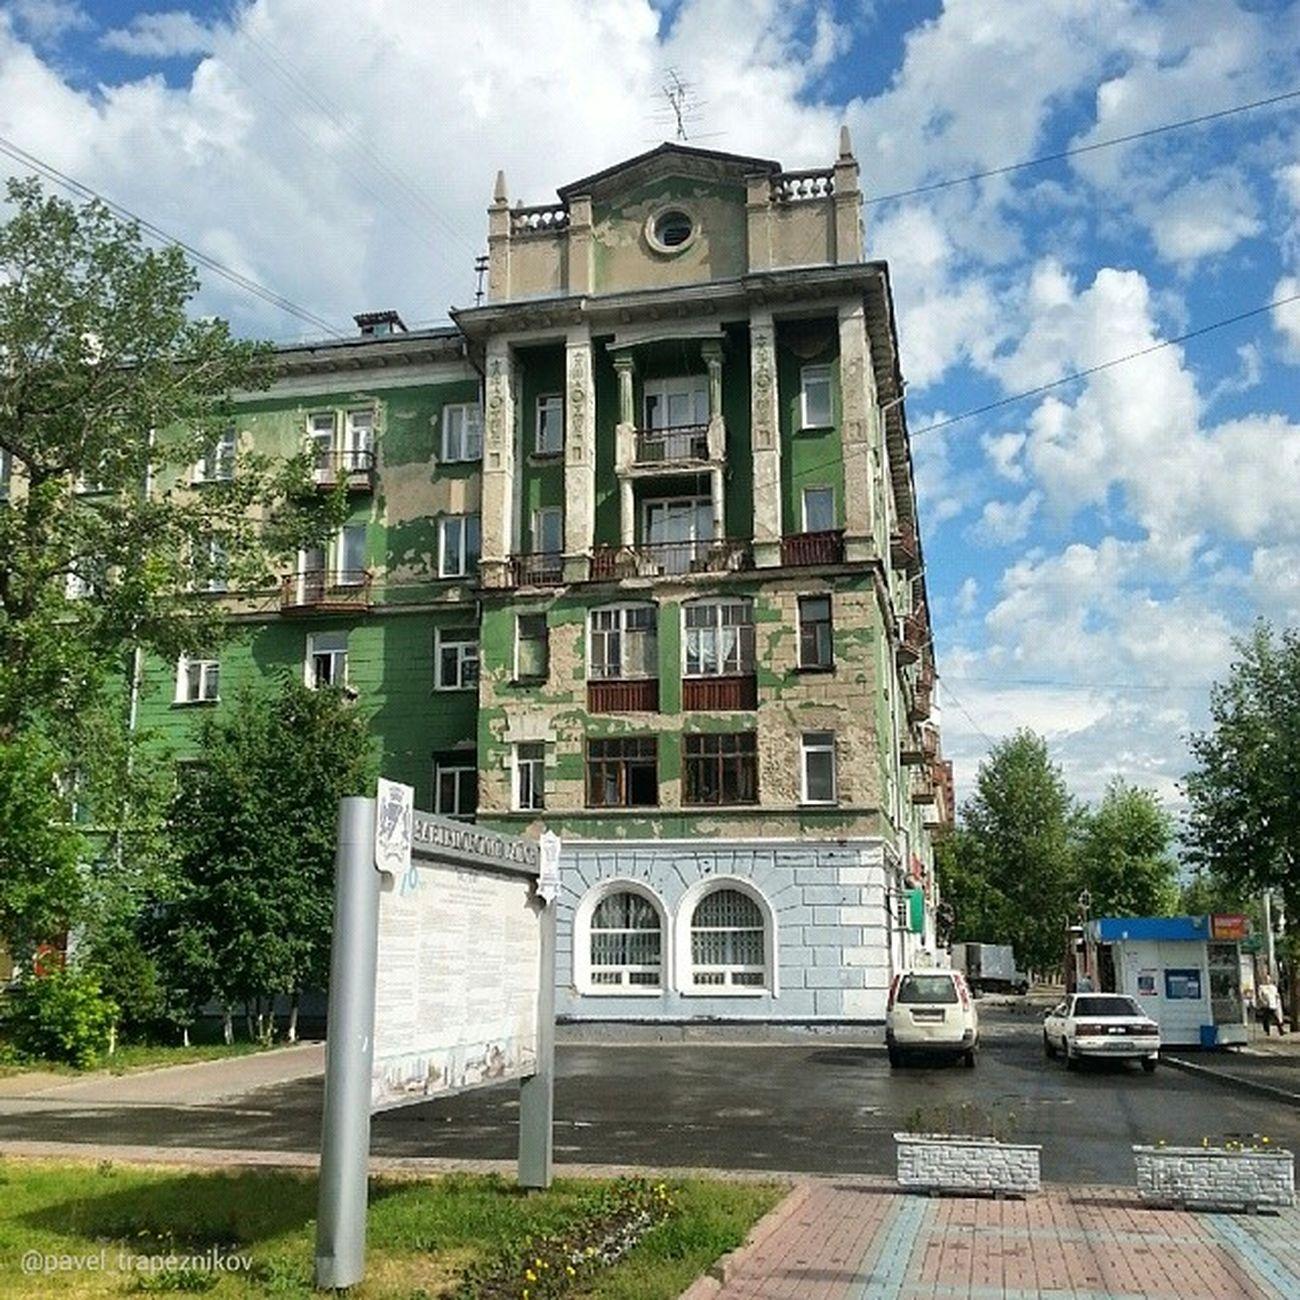 20140705 , Новосибирск . загс ЗаельцовскийРайон ЦентральныйОкруг Новосибирска/ Novosibirsk. REGISTRY of Zaeltsovsky city district.